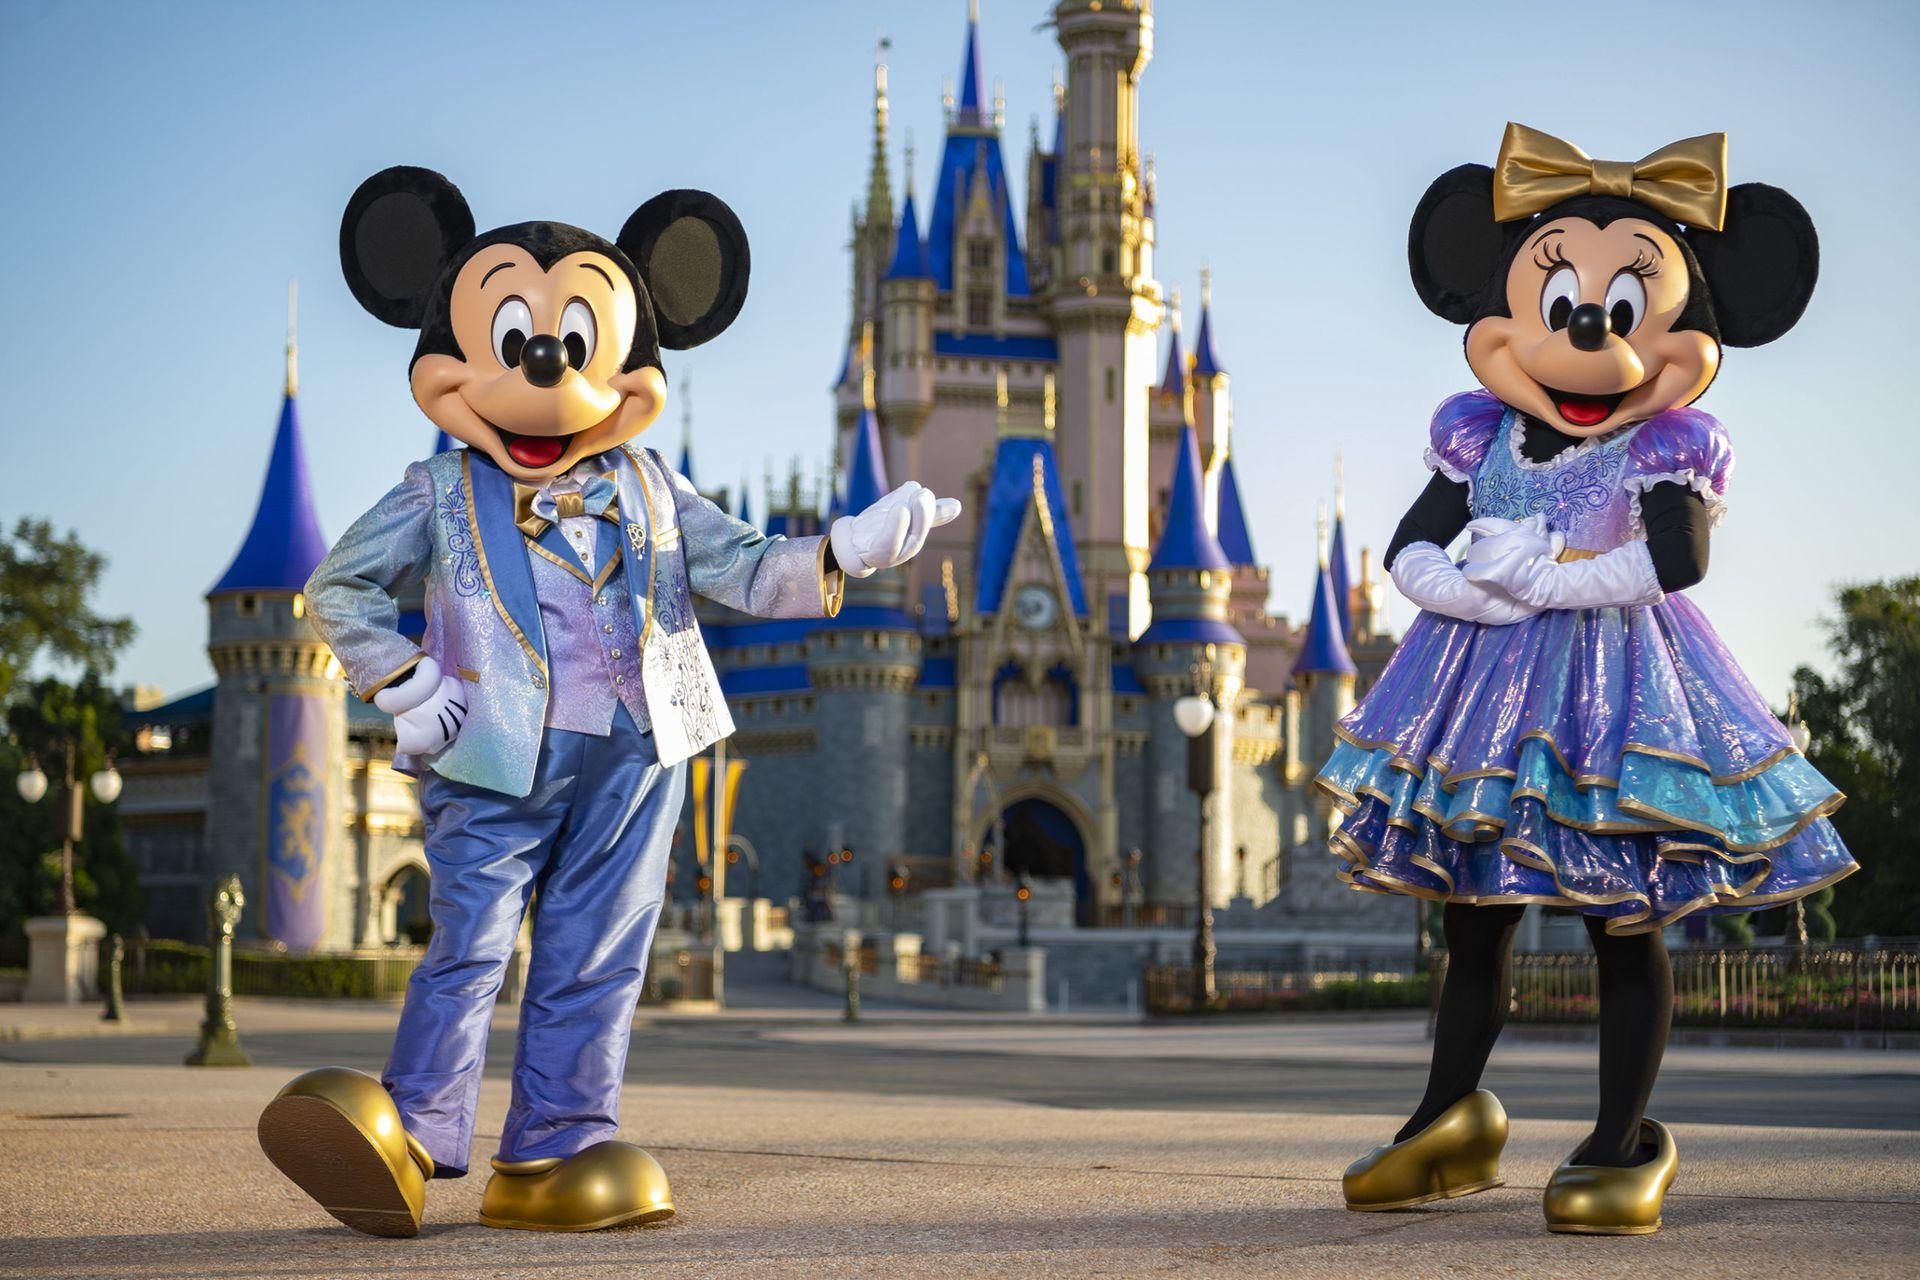 A partir del 1° de octubre comenzarán los festejos por los 50 años de World Disney World. Mickey y Minnie lucirán nuevos trajes